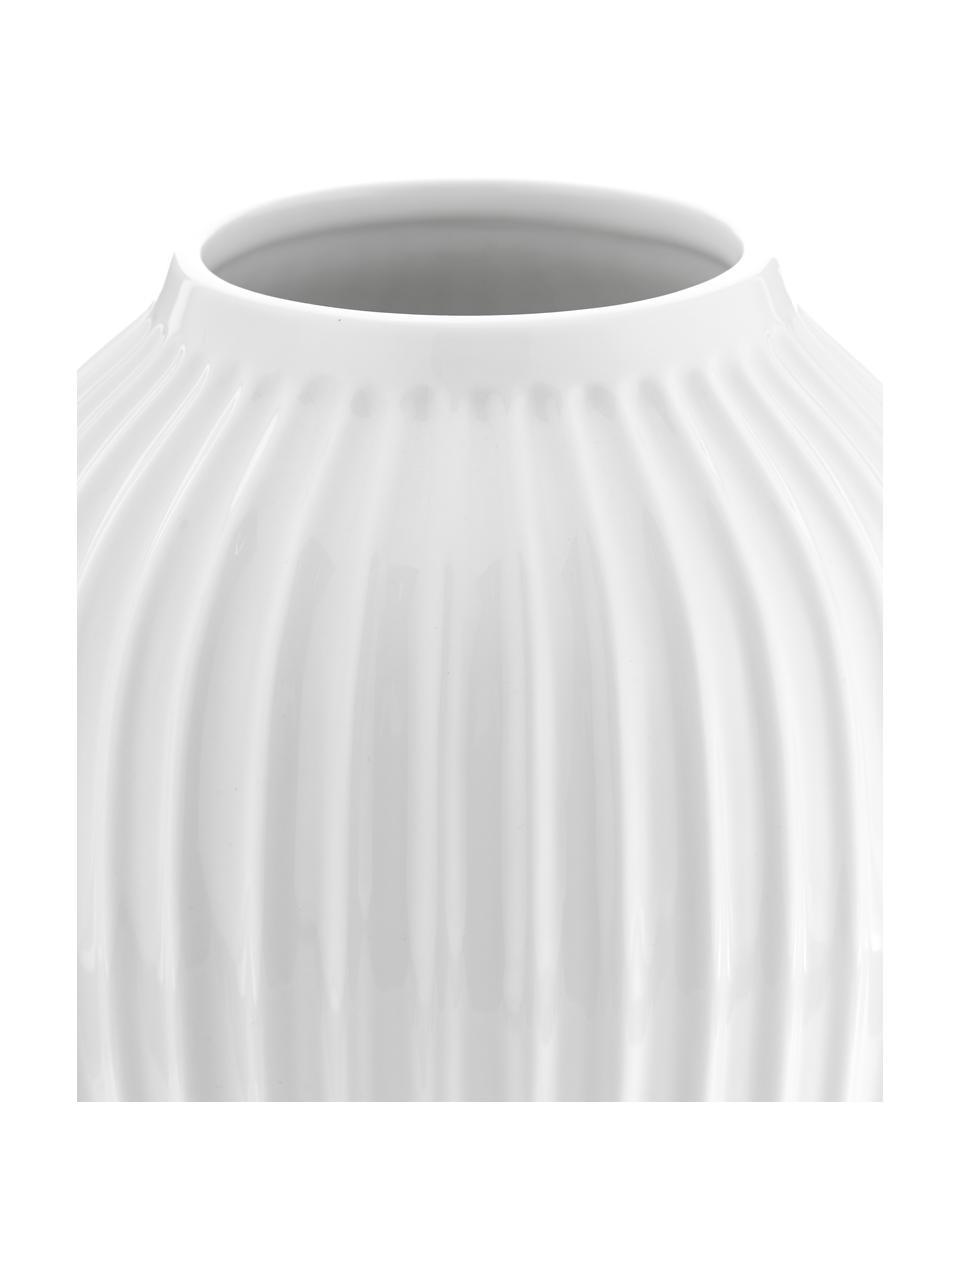 Handgemaakte design vaas Hammershøi, Porselein, Wit, Ø 20 x H 25 cm